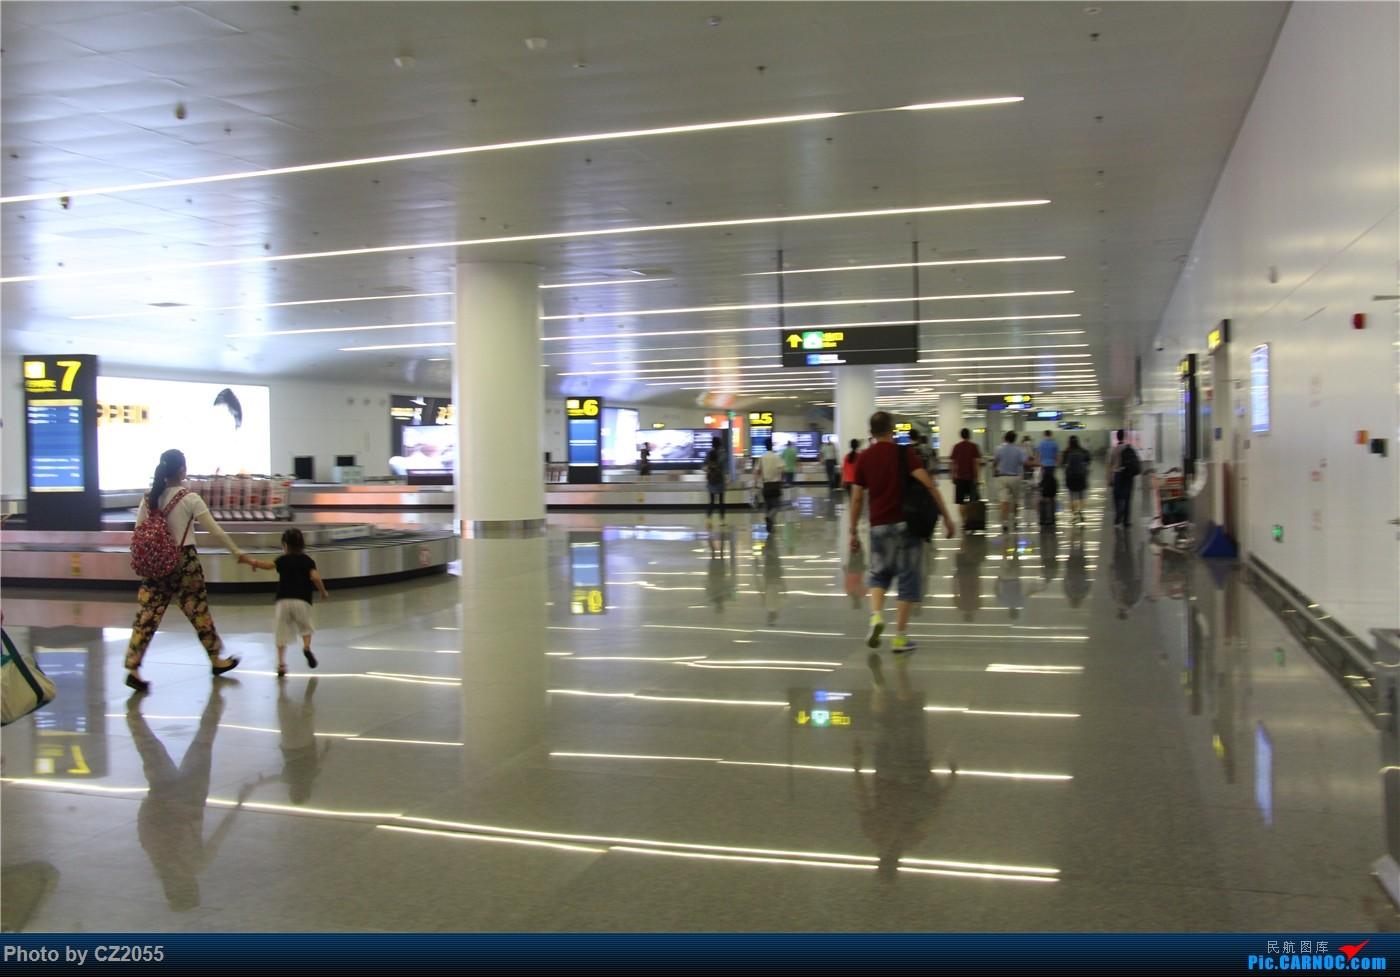 Re:[原创]【广东青少年拍机小队】【C-Z-2055(1)】August.8.2015  不期而遇,相伴相惜。首次体验Skytrax五星航空公司---海南航空。